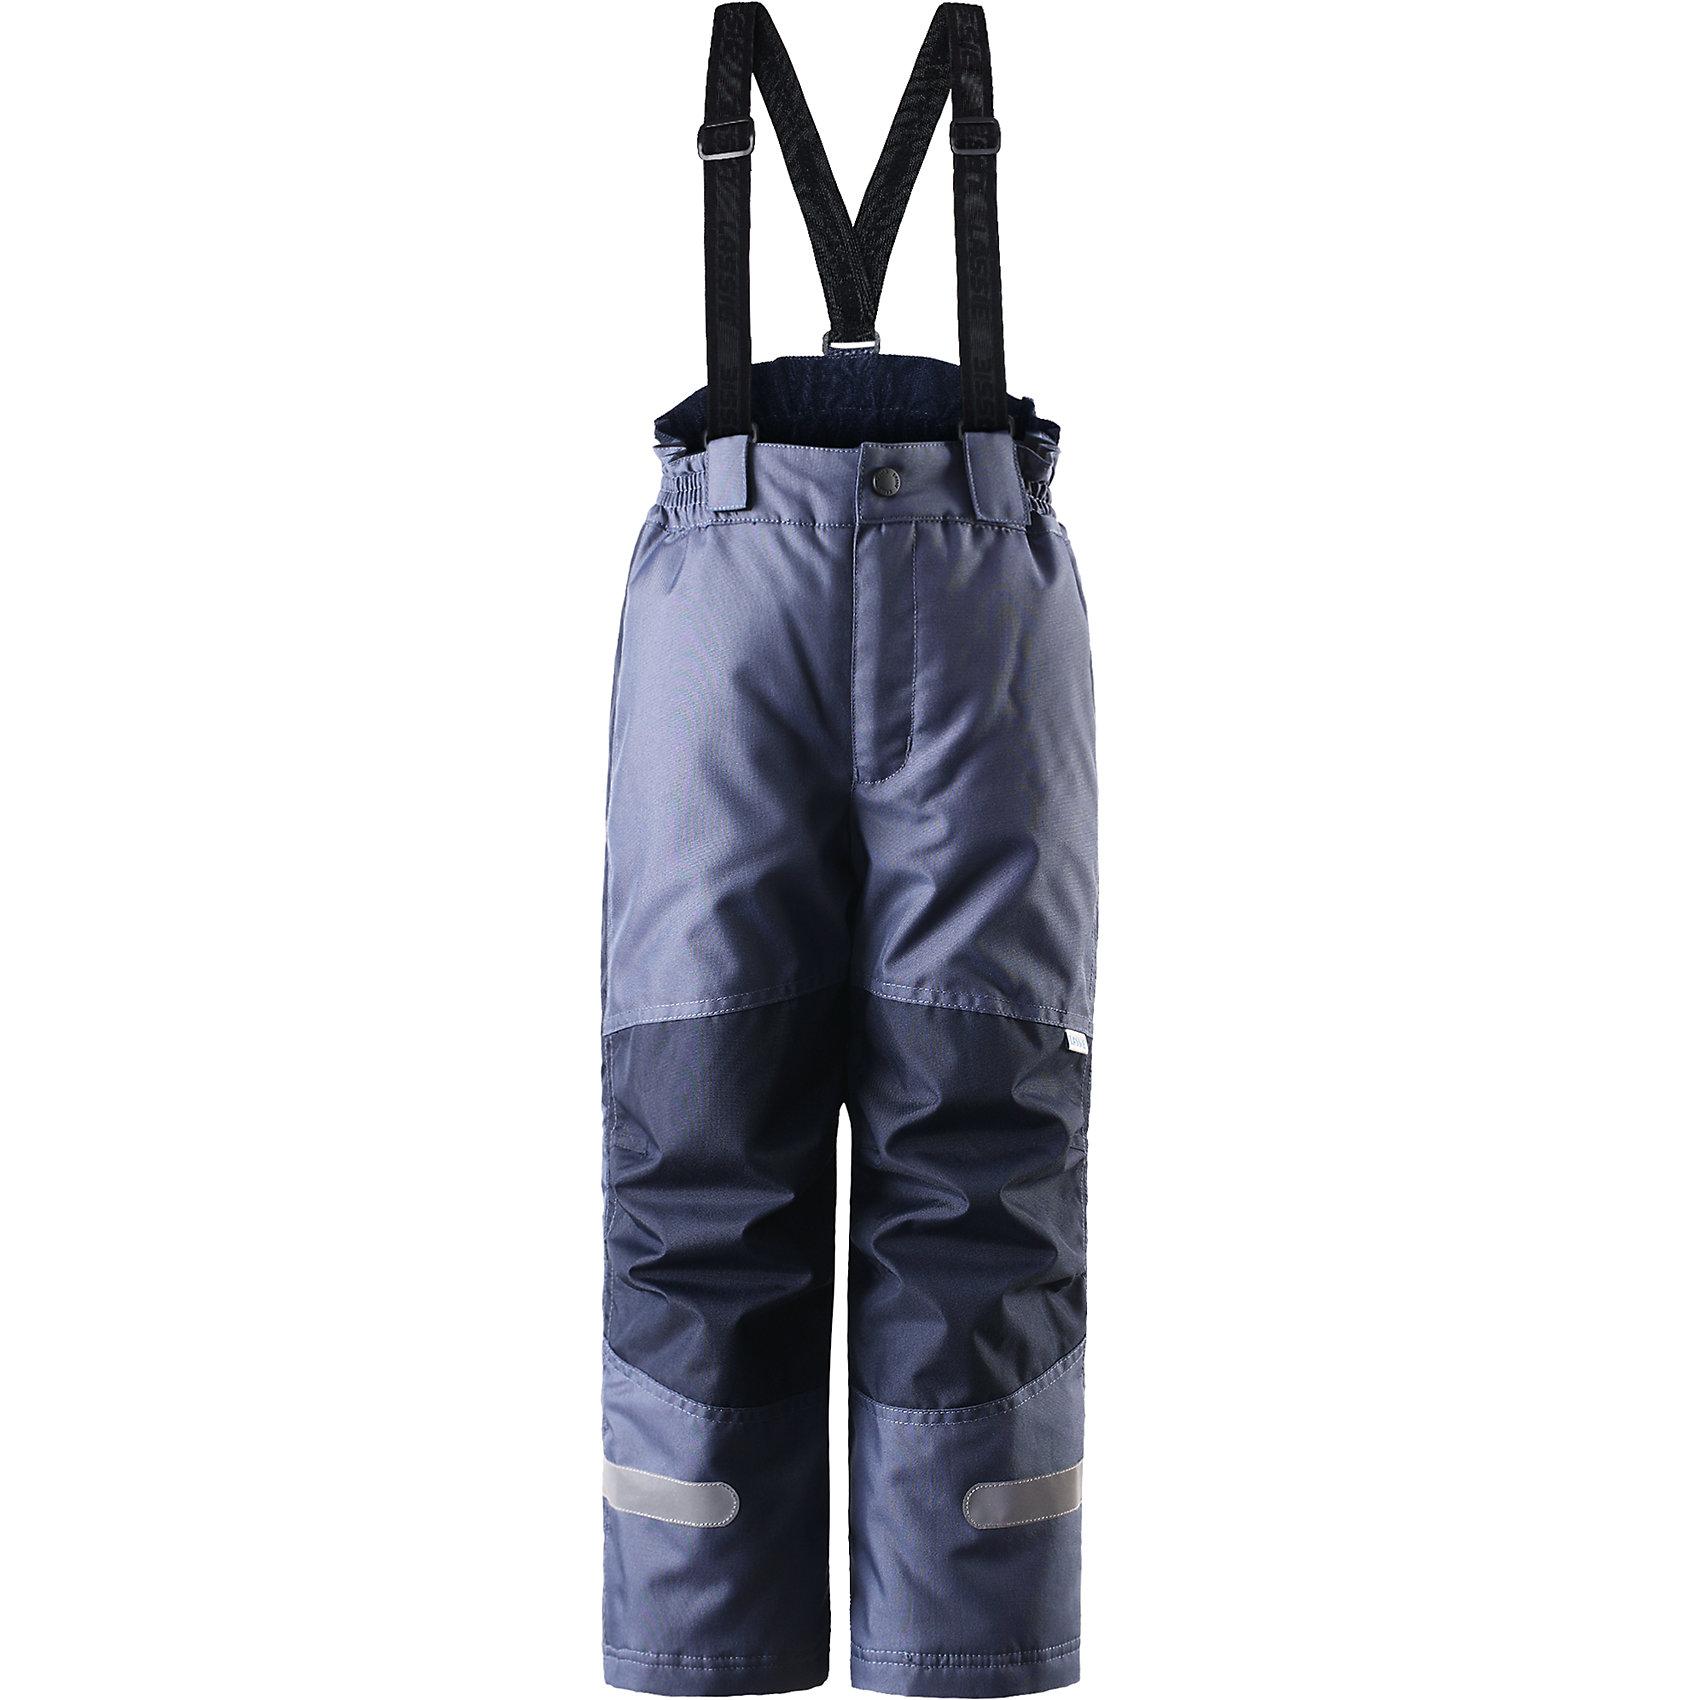 Брюки для мальчика LASSIEОдежда<br>Зимние брюки для детей известной финской марки. <br><br>- Прочный материал. <br>- Водоотталкивающий, ветронепроницаемый, «дышащий» и грязеотталкивающий материал.<br>-  Задний серединный шов проклеен. свободный крой.<br>- Гладкая подкладка из полиэстра. <br>- Легкая степень утепления. <br>- Эластичный регулируемый обхват талии. <br>- Регулируемые брючины. Карманы в боковых швах.  <br><br>Рекомендации по уходу: Стирать по отдельности, вывернув наизнанку. Застегнуть молнии и липучки. Соблюдать температуру в соответствии с руководством по уходу. Стирать моющим средством, не содержащим отбеливающие вещества. Полоскать без специального средства. Сушение в сушильном шкафу разрешено при  низкой температуре.<br><br>Состав: 100% Полиамид, полиуретановое покрытие.  Утеплитель «Lassie wadding» 100гр.<br><br>Ширина мм: 215<br>Глубина мм: 88<br>Высота мм: 191<br>Вес г: 336<br>Цвет: серый<br>Возраст от месяцев: 18<br>Возраст до месяцев: 24<br>Пол: Унисекс<br>Возраст: Детский<br>Размер: 92,140,98,104,110,116,122,128,134<br>SKU: 4781876